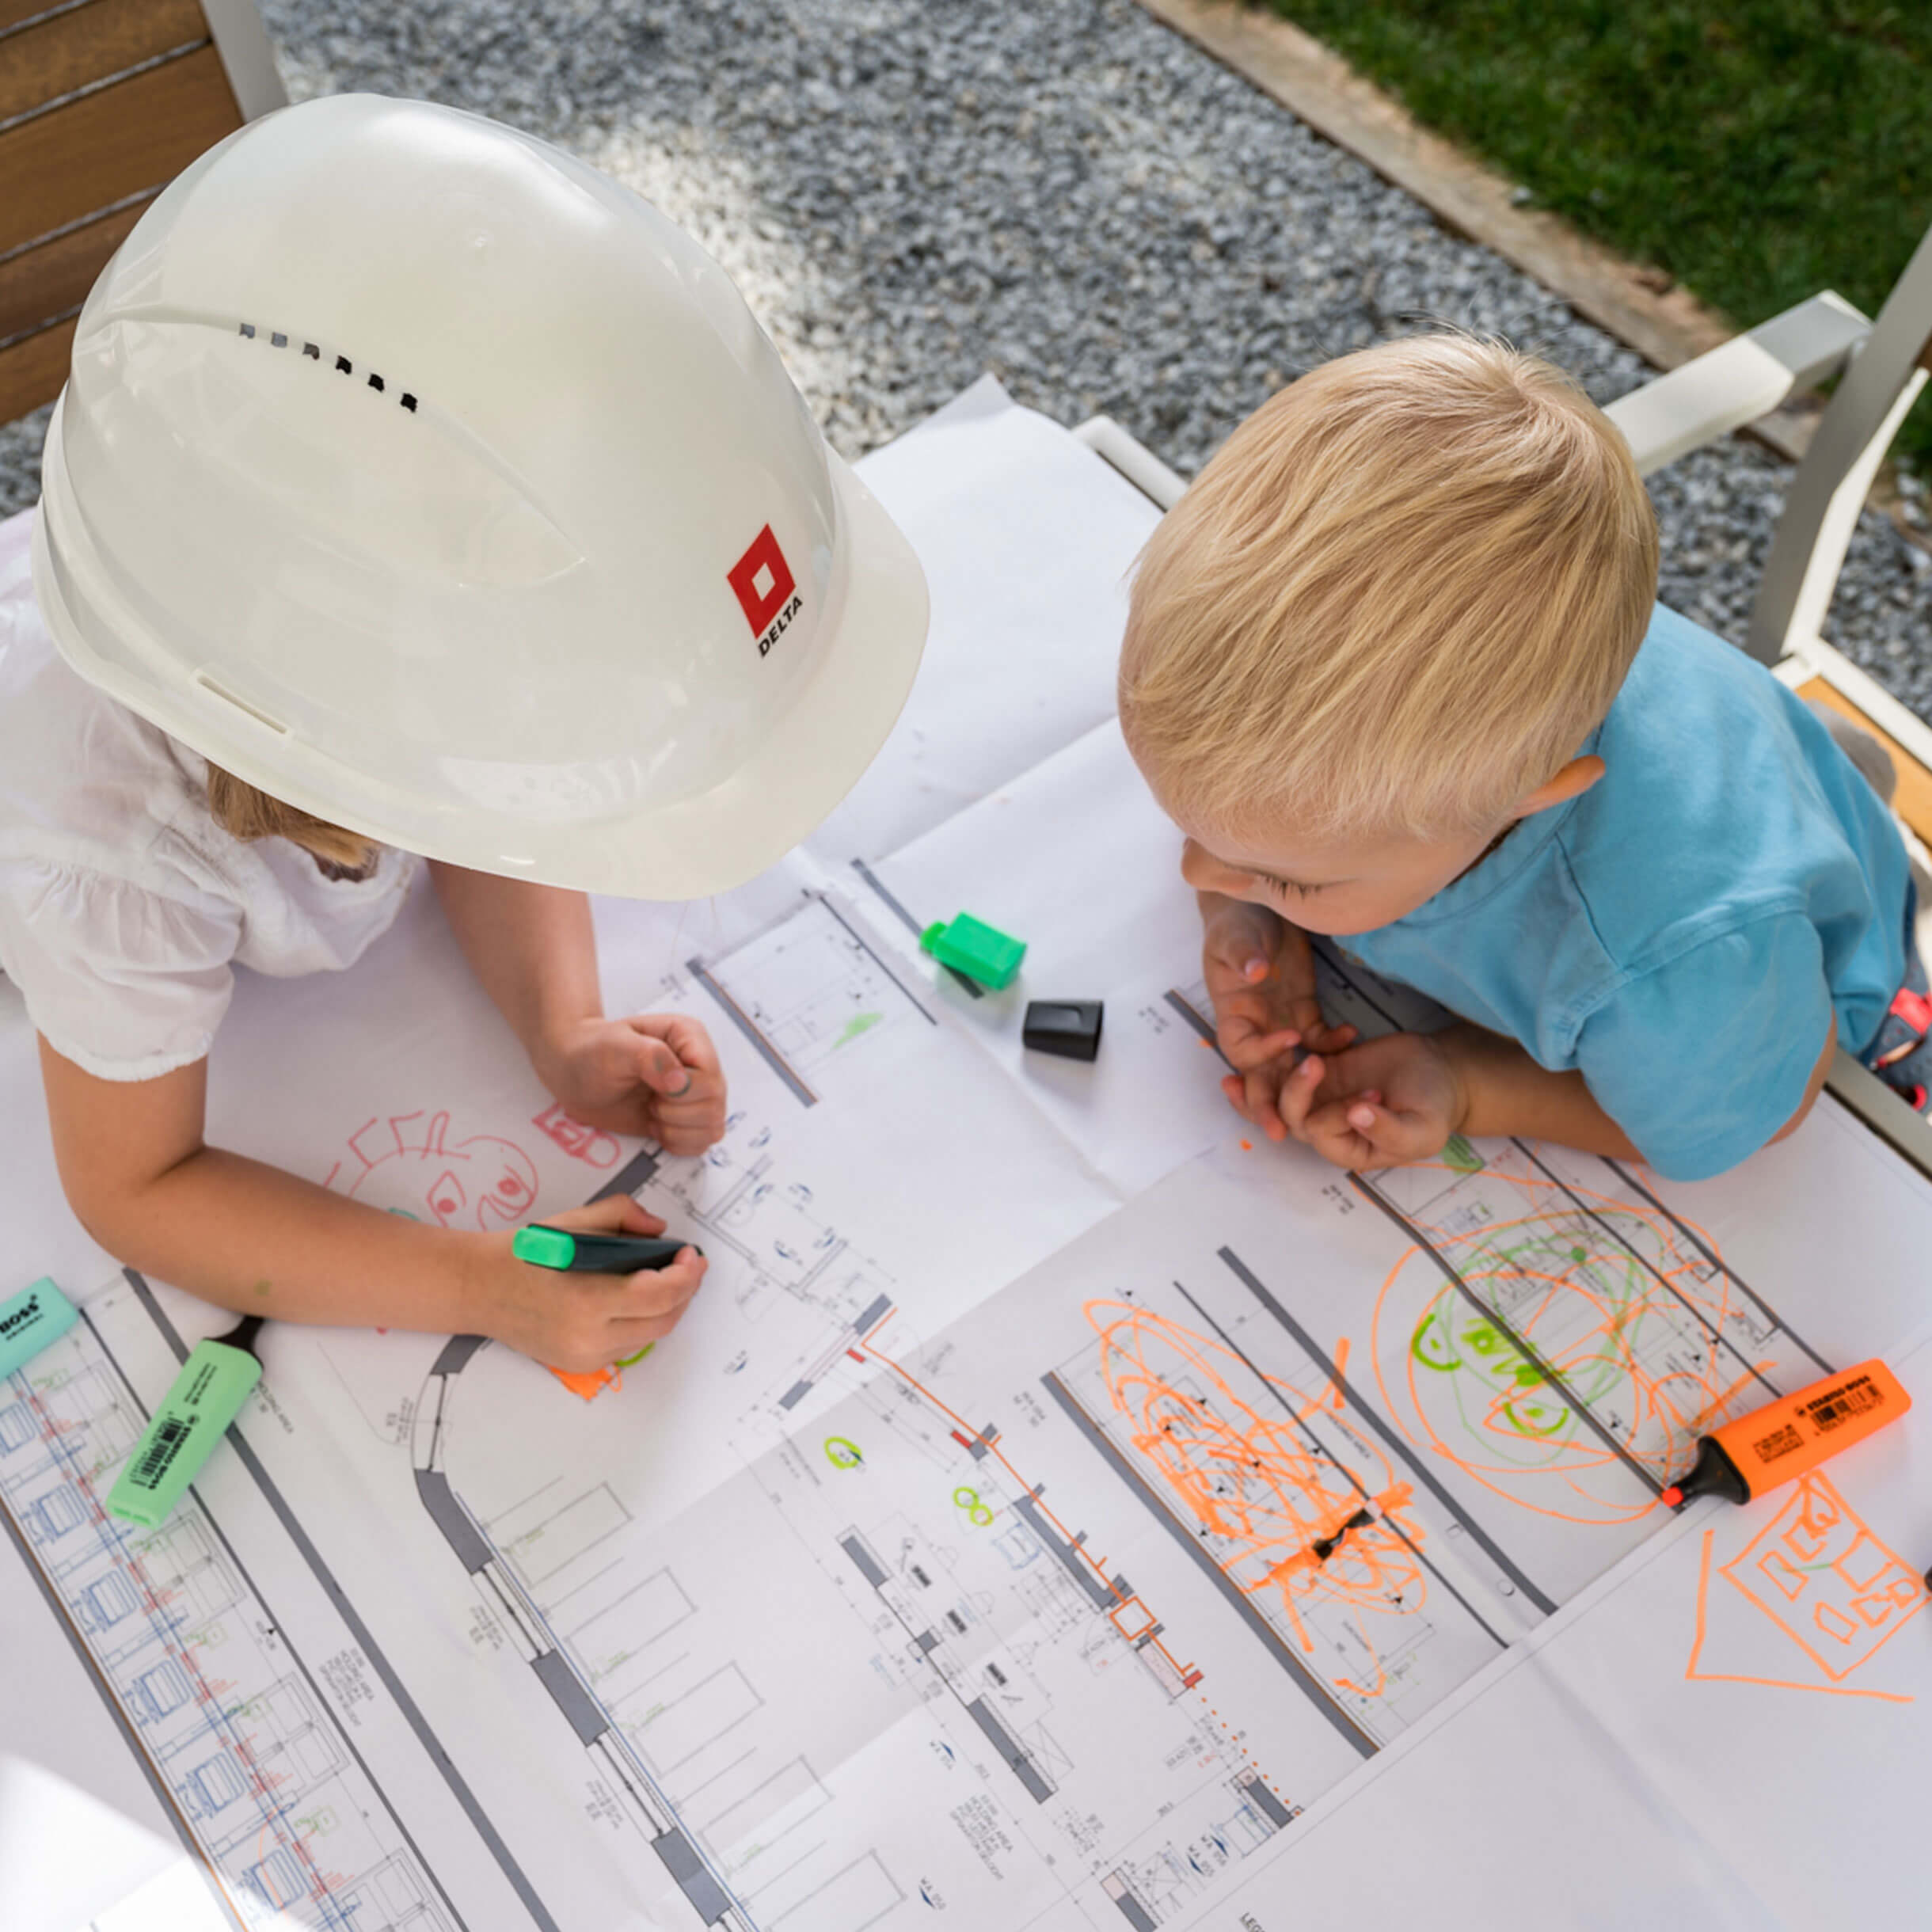 Kinder beim Plan zeichnen